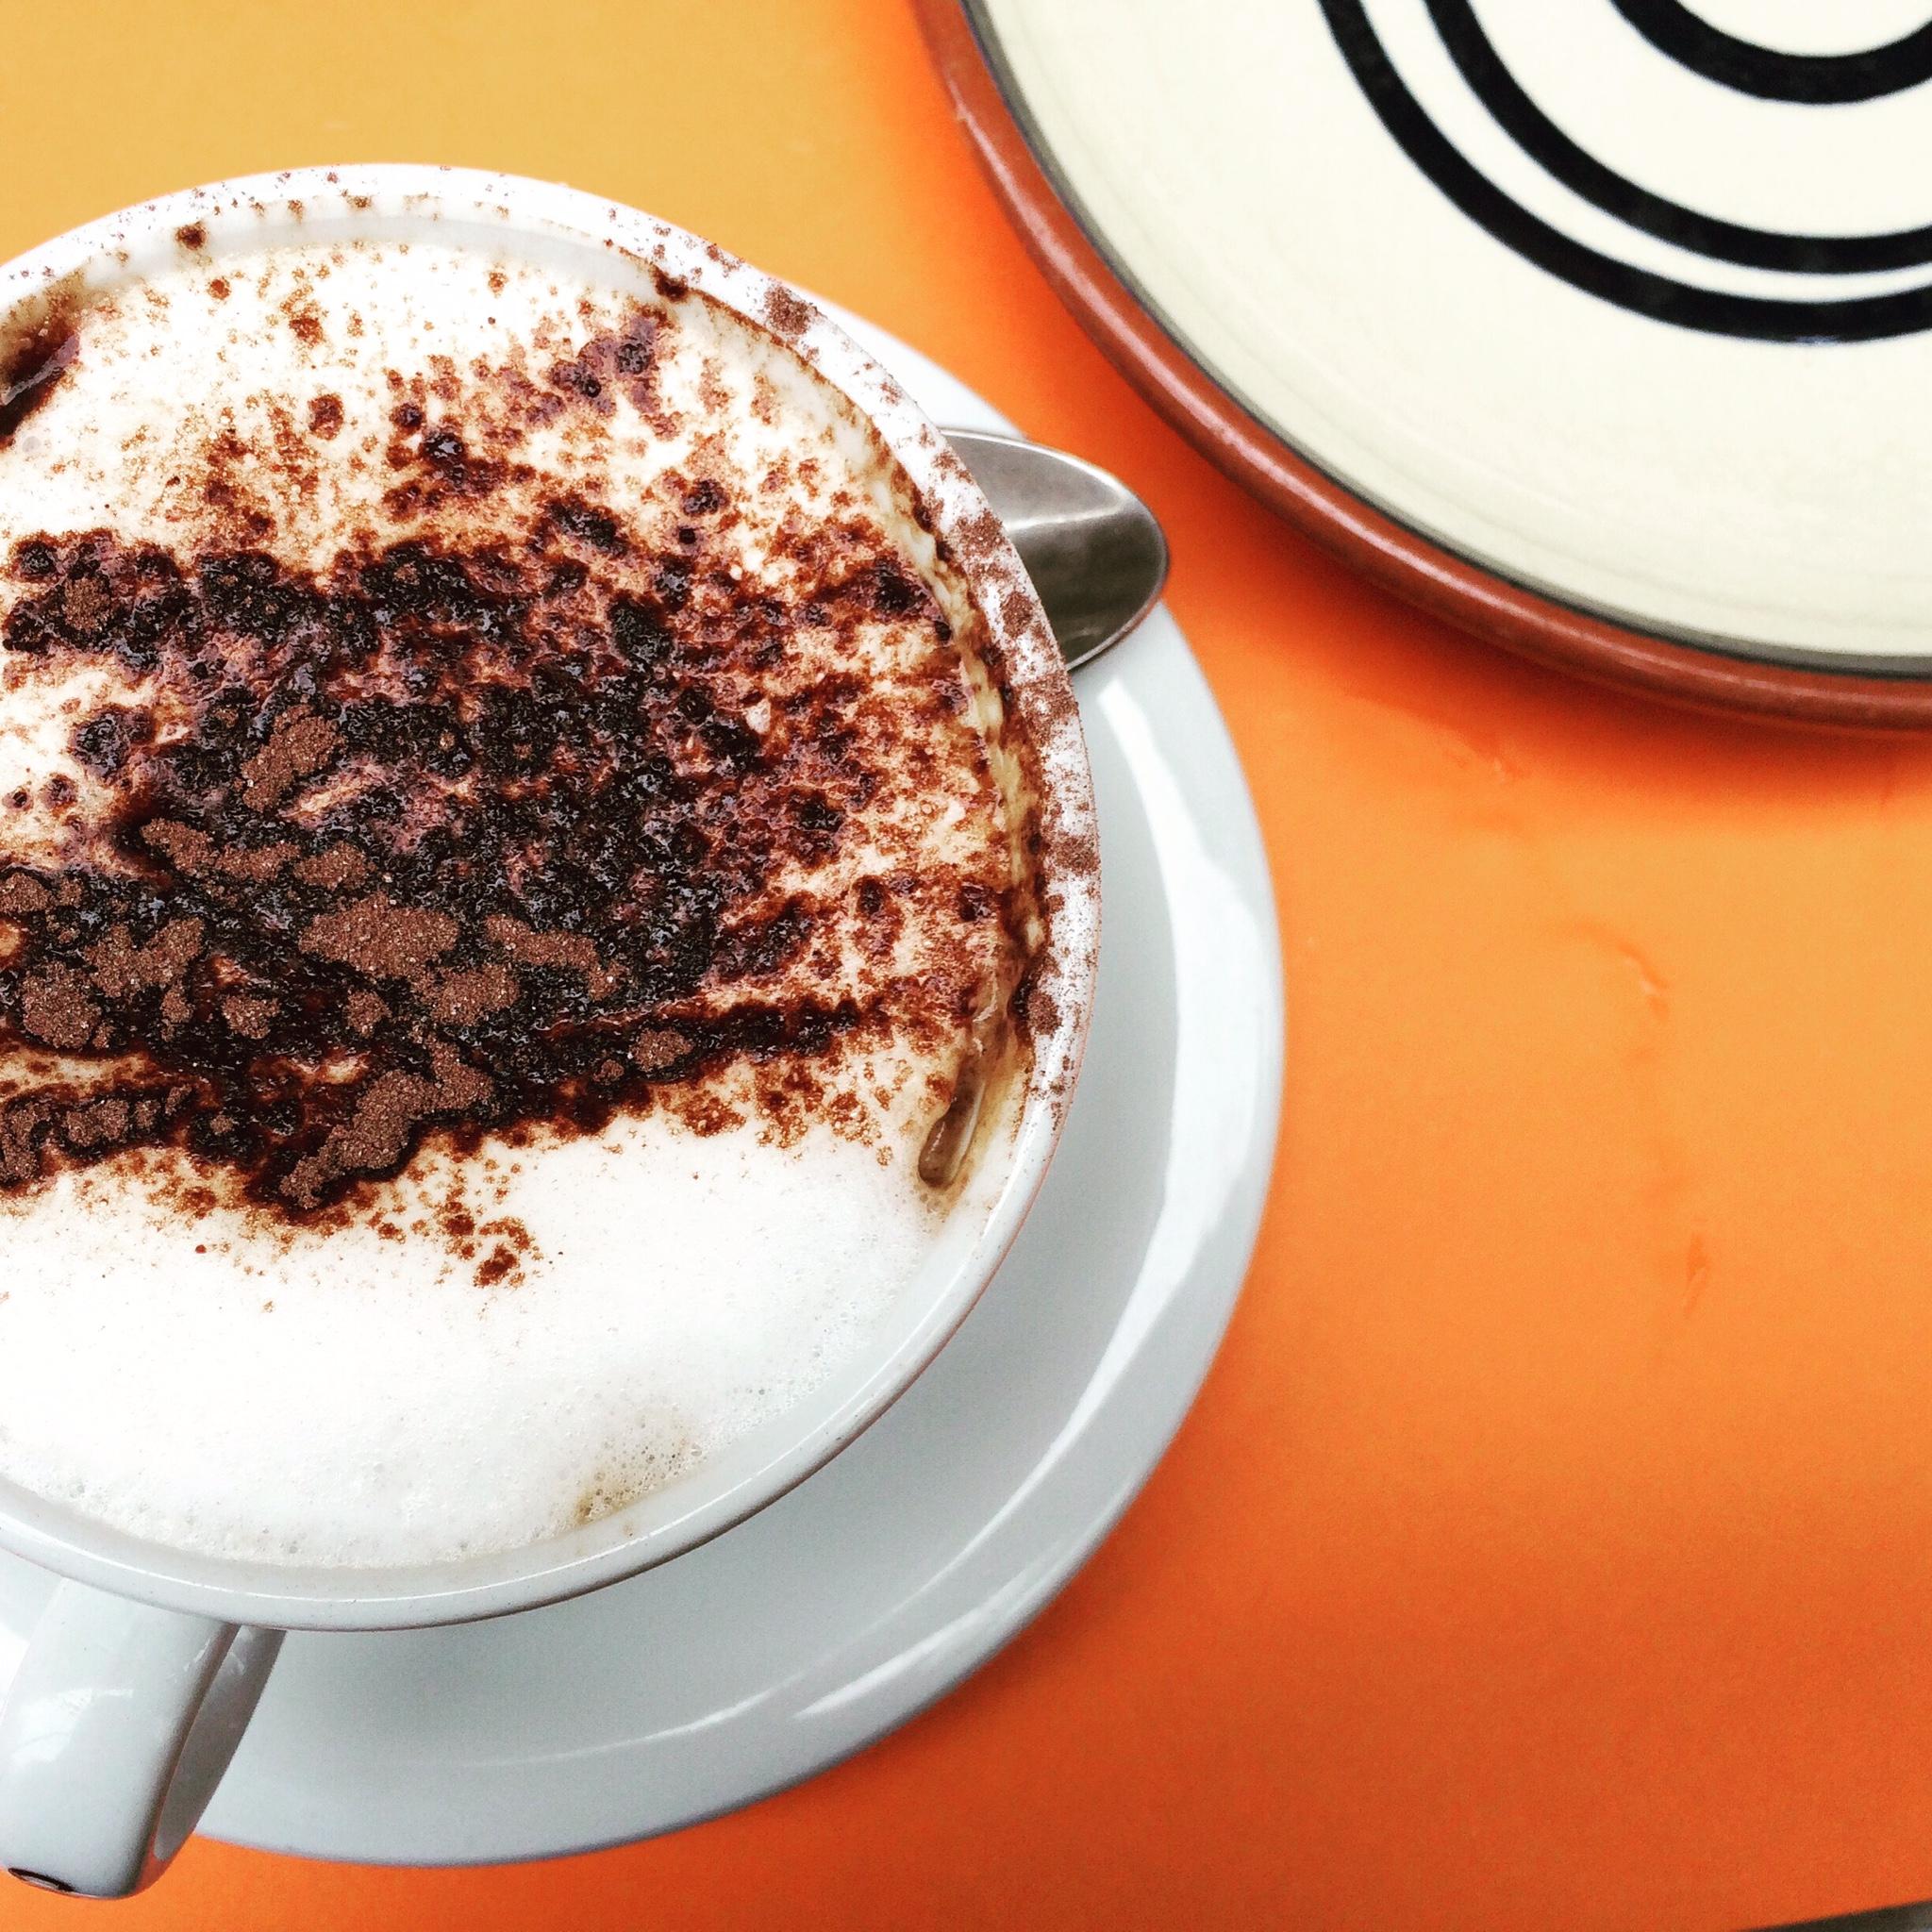 Barcelona coffee